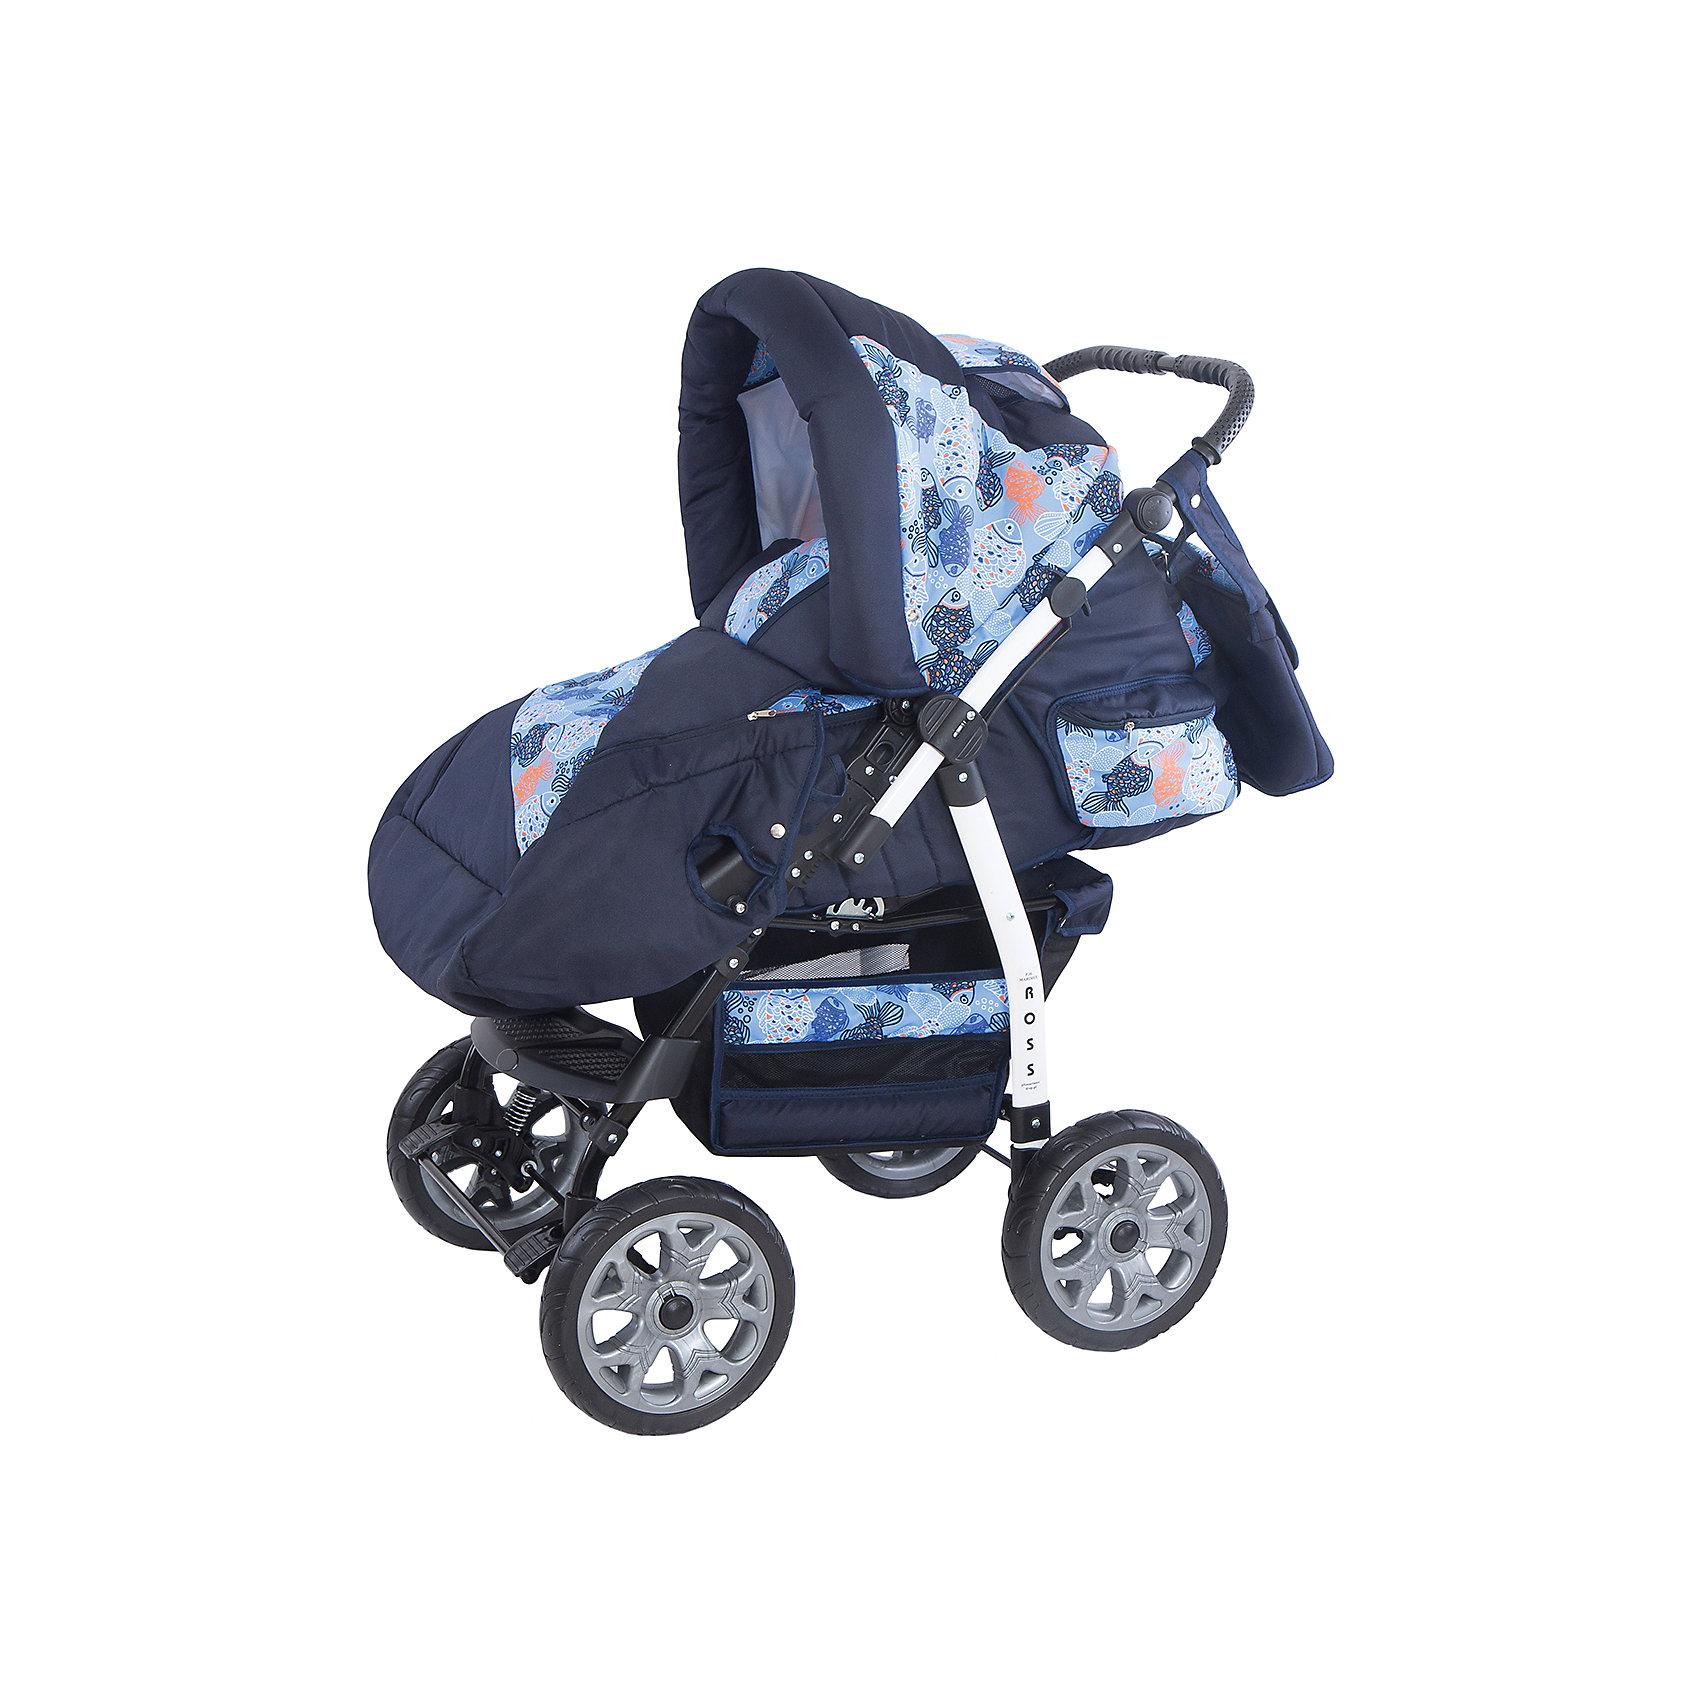 Коляска-трансформер Marimex Ross, синий/голубой с принтомКоляски-трансформеры<br>Характеристики товара:<br><br>• цвет: синий, голубой <br>• материал: металл, текстиль, пластик<br>• размер в разложенном виде: 110х60х119 см<br>• комплектация: люлька-переноска, накидка на ножки, сумка для мамы <br>• вес: 16 кг<br>• тип складывания: книжка <br>• колеса: 4 шт<br>• пятиточечные ремни безопасности<br>• солнцезащитный козырек<br>• четыре положения спинки<br>• возможность перекидывать ручку <br>• регулируемая подножка<br>• большая корзина для покупок<br>• система амортизации: пружины <br>• страна бренда: Польша<br>• страна производства: Польша<br><br>ВНИМАНИЕ!!! Вставки с рисунком на коляске могут отличаться от представленных на фото!<br><br>Качественная коляска обеспечит родителям и ребенку удобство при прогулках и перемещениях малыша. Эта модель от польского производителя Marimex оборудована всем необходимым для комфорта. Она легко трансформирвуется под различные ситуации, имеет специальную люльку-переноску для самых маленьких.<br>В основе коляски - прочный металлический корпус, материал имеет специальную пропитку, которая защищает про промокания, но при этом оставляет ткань дышащей. Очень стильная и удобная модель! Изделие качественно выполнено, сделано из безопасных для детей материалов. <br><br>Коляску-трансформер Ross от бренда Marimex можно купить в нашем интернет-магазине.<br><br>Ширина мм: 900<br>Глубина мм: 450<br>Высота мм: 380<br>Вес г: 16700<br>Возраст от месяцев: 0<br>Возраст до месяцев: 36<br>Пол: Мужской<br>Возраст: Детский<br>SKU: 5282607